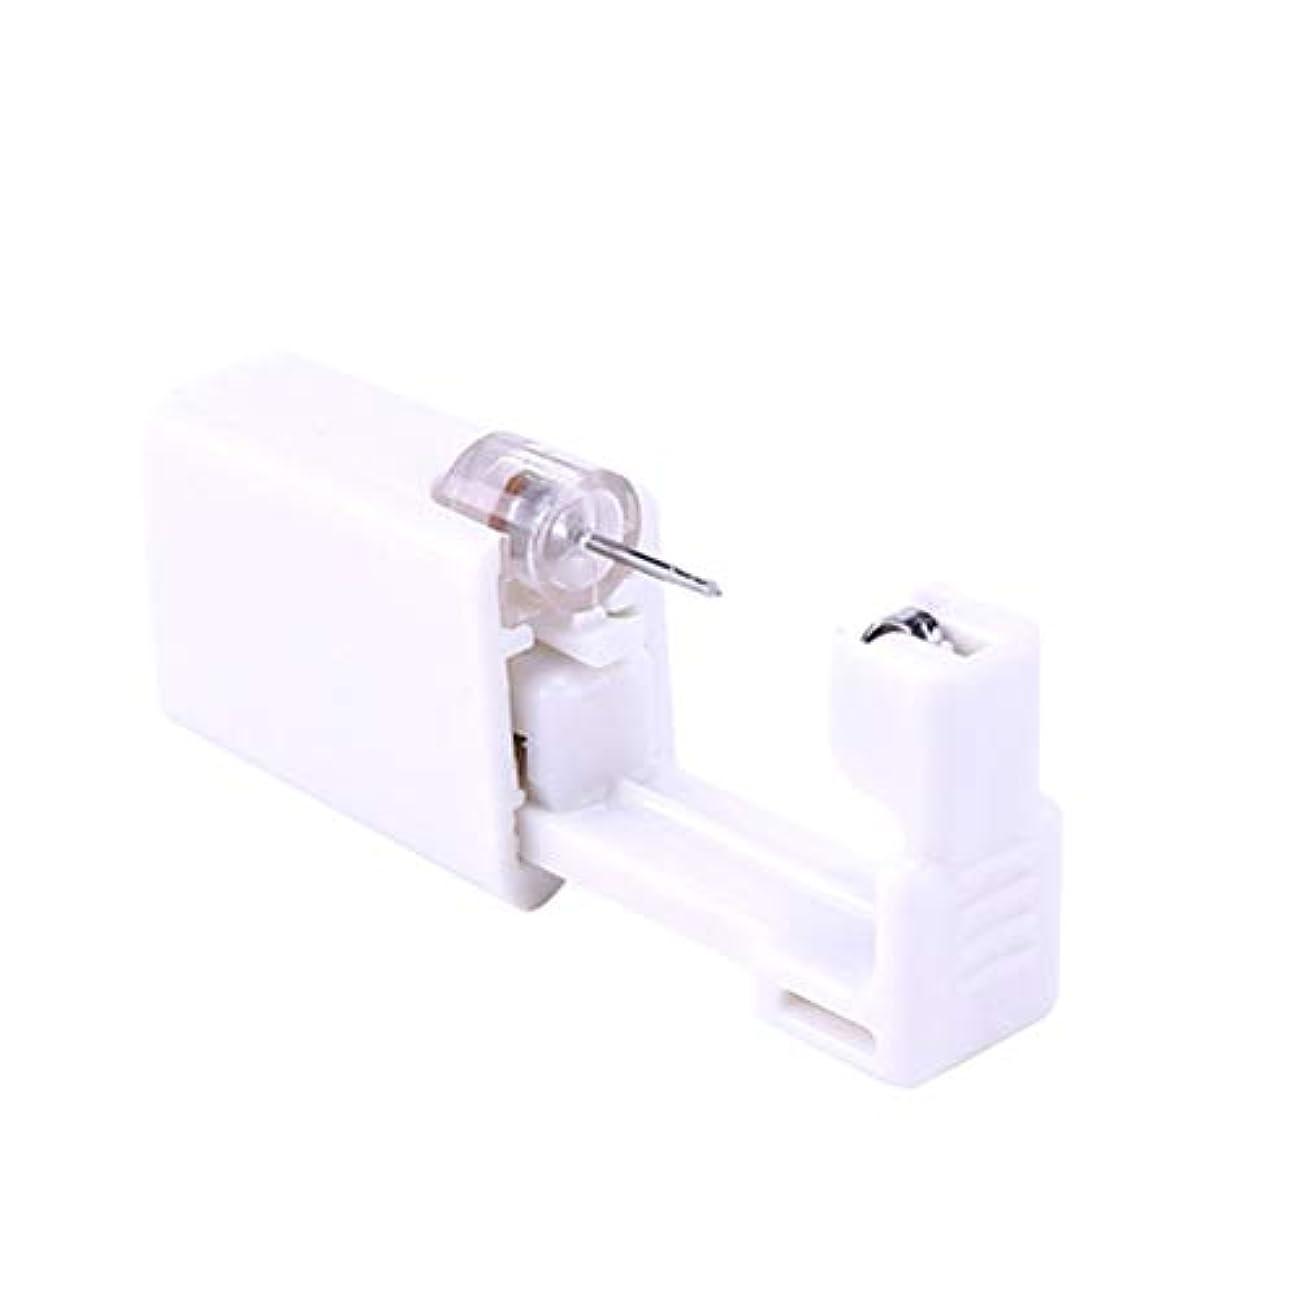 巻き戻す近代化するズームSUPVOX 2本使い捨て耳ピアスガンボディピアスガンピアスツールピアスデバイス(ホワイト)